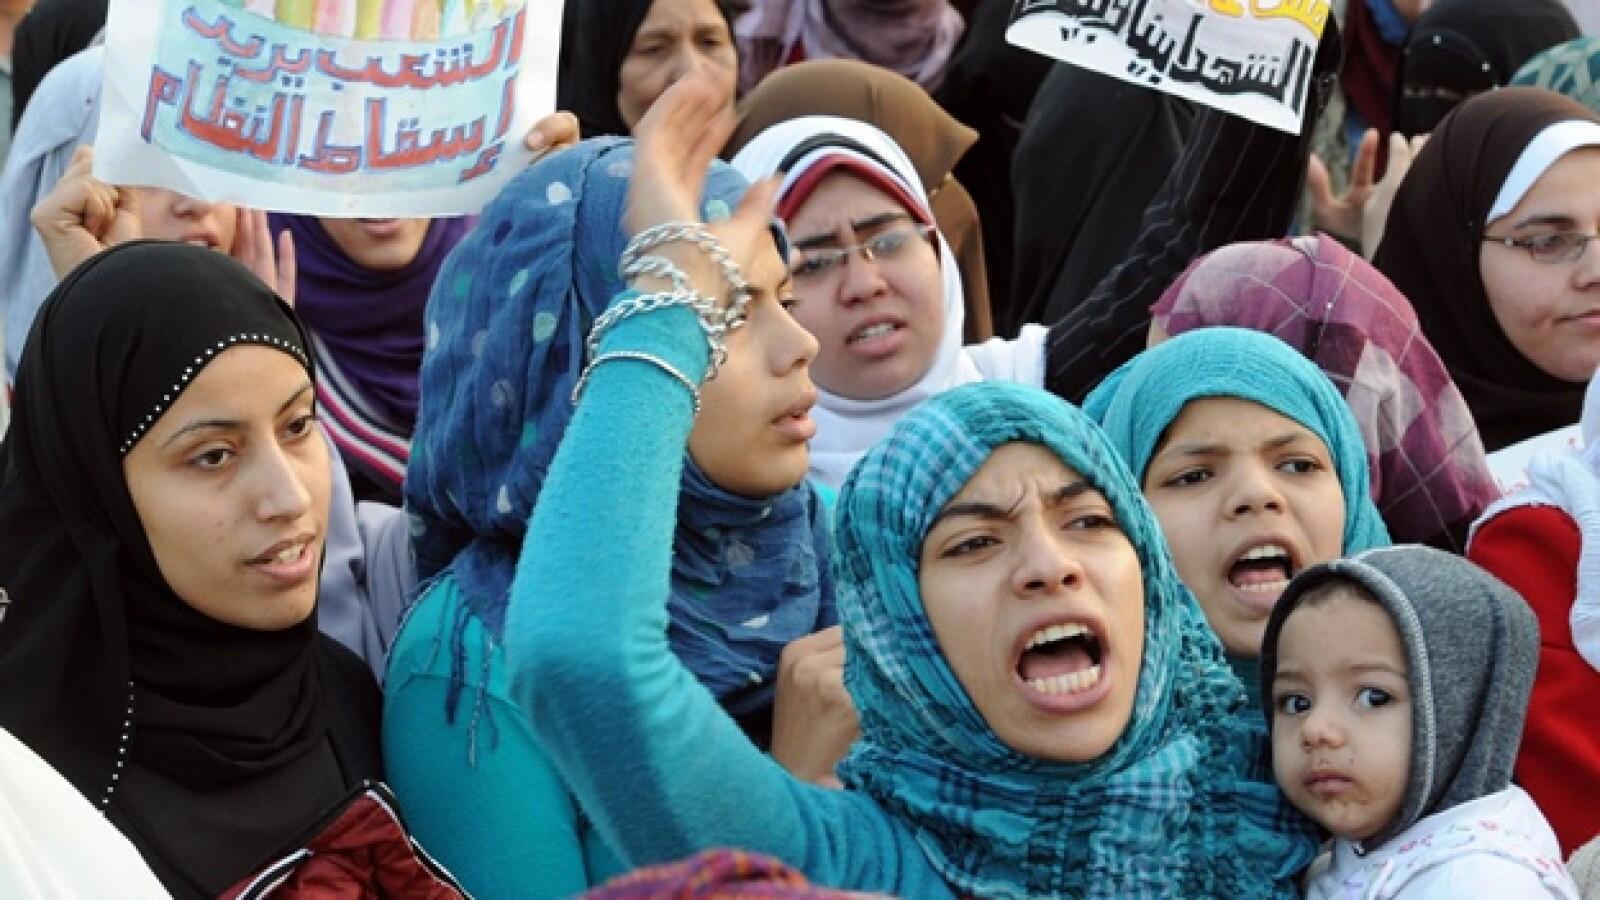 Una adolescente sostiene un cartel contra Mubarak